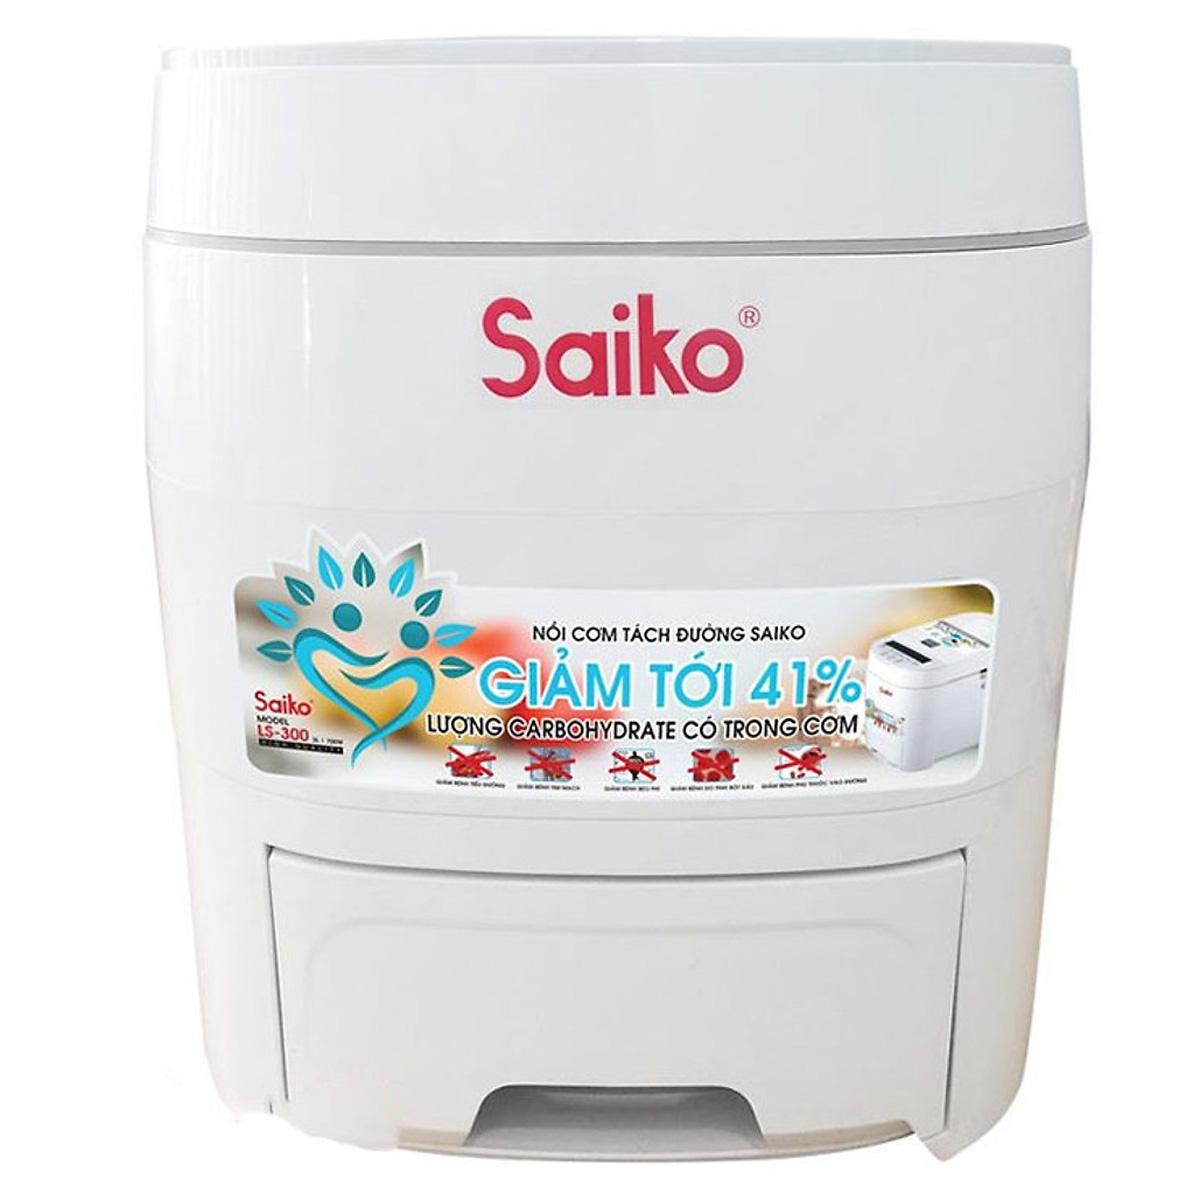 Nồi Cơm Tách Đường Saiko LS-300 (3.0 Lít) Tặng máy đo đường huyết